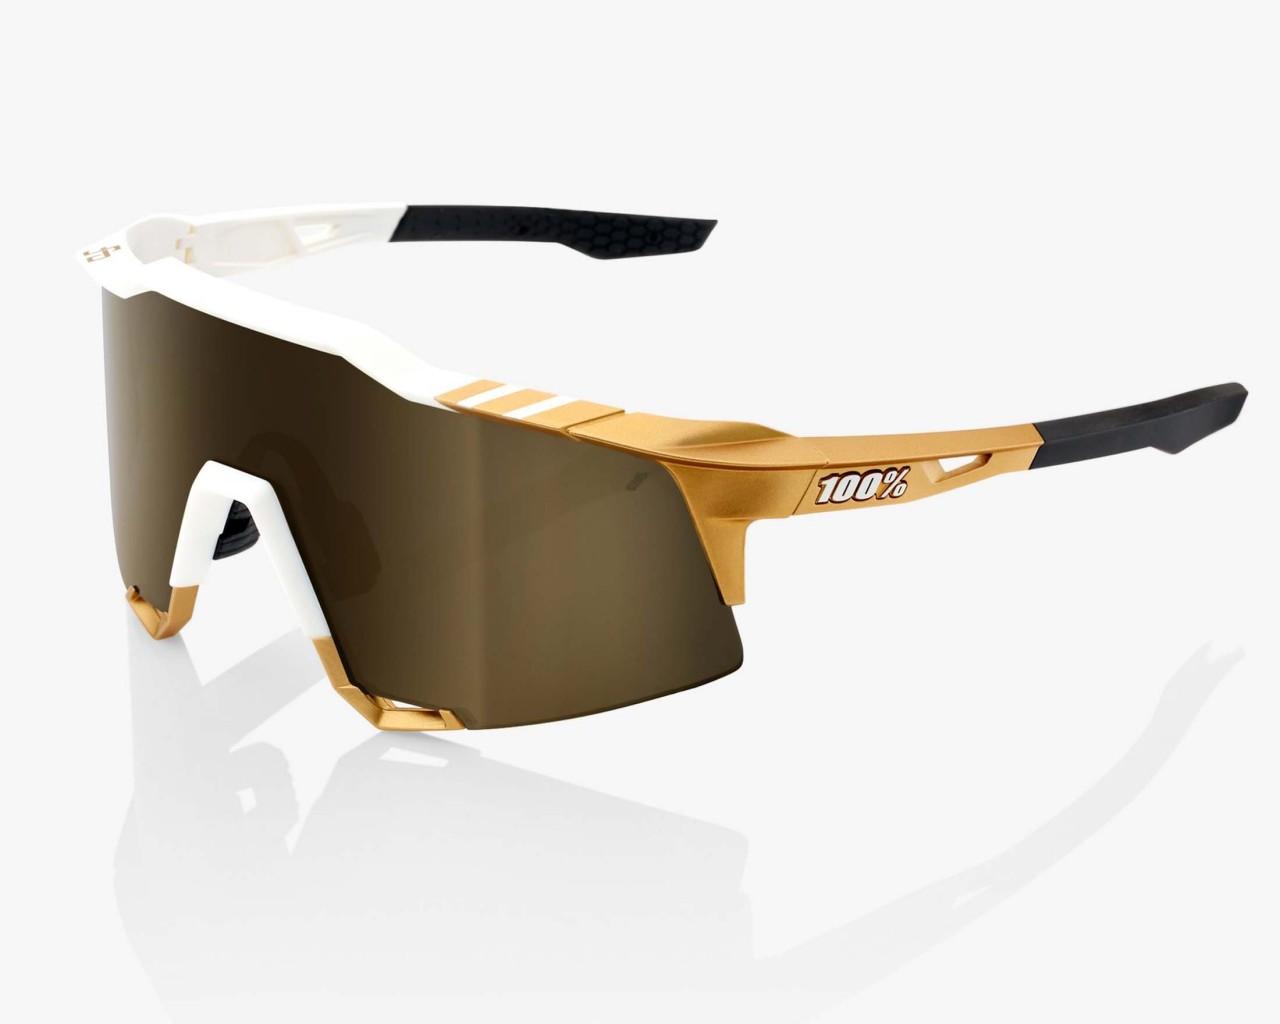 100% Speedcraft -Tall - Mirror Rennrad Brille Peter Sagan LTD Edition   white-gold